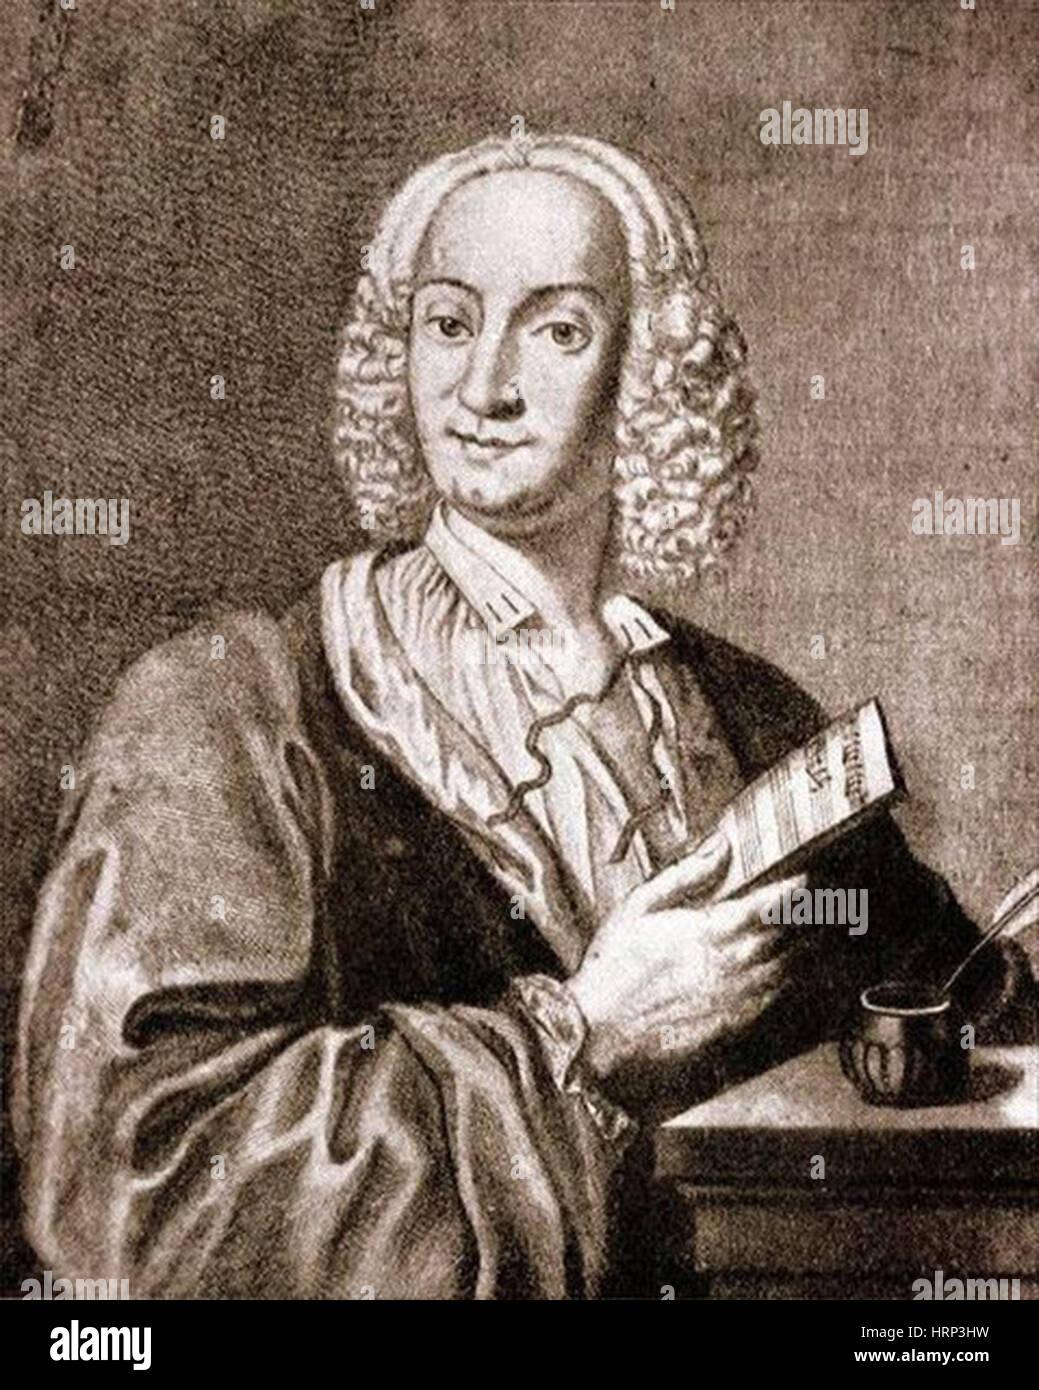 Antonio Vivaldi, Italian Composer - Stock Image